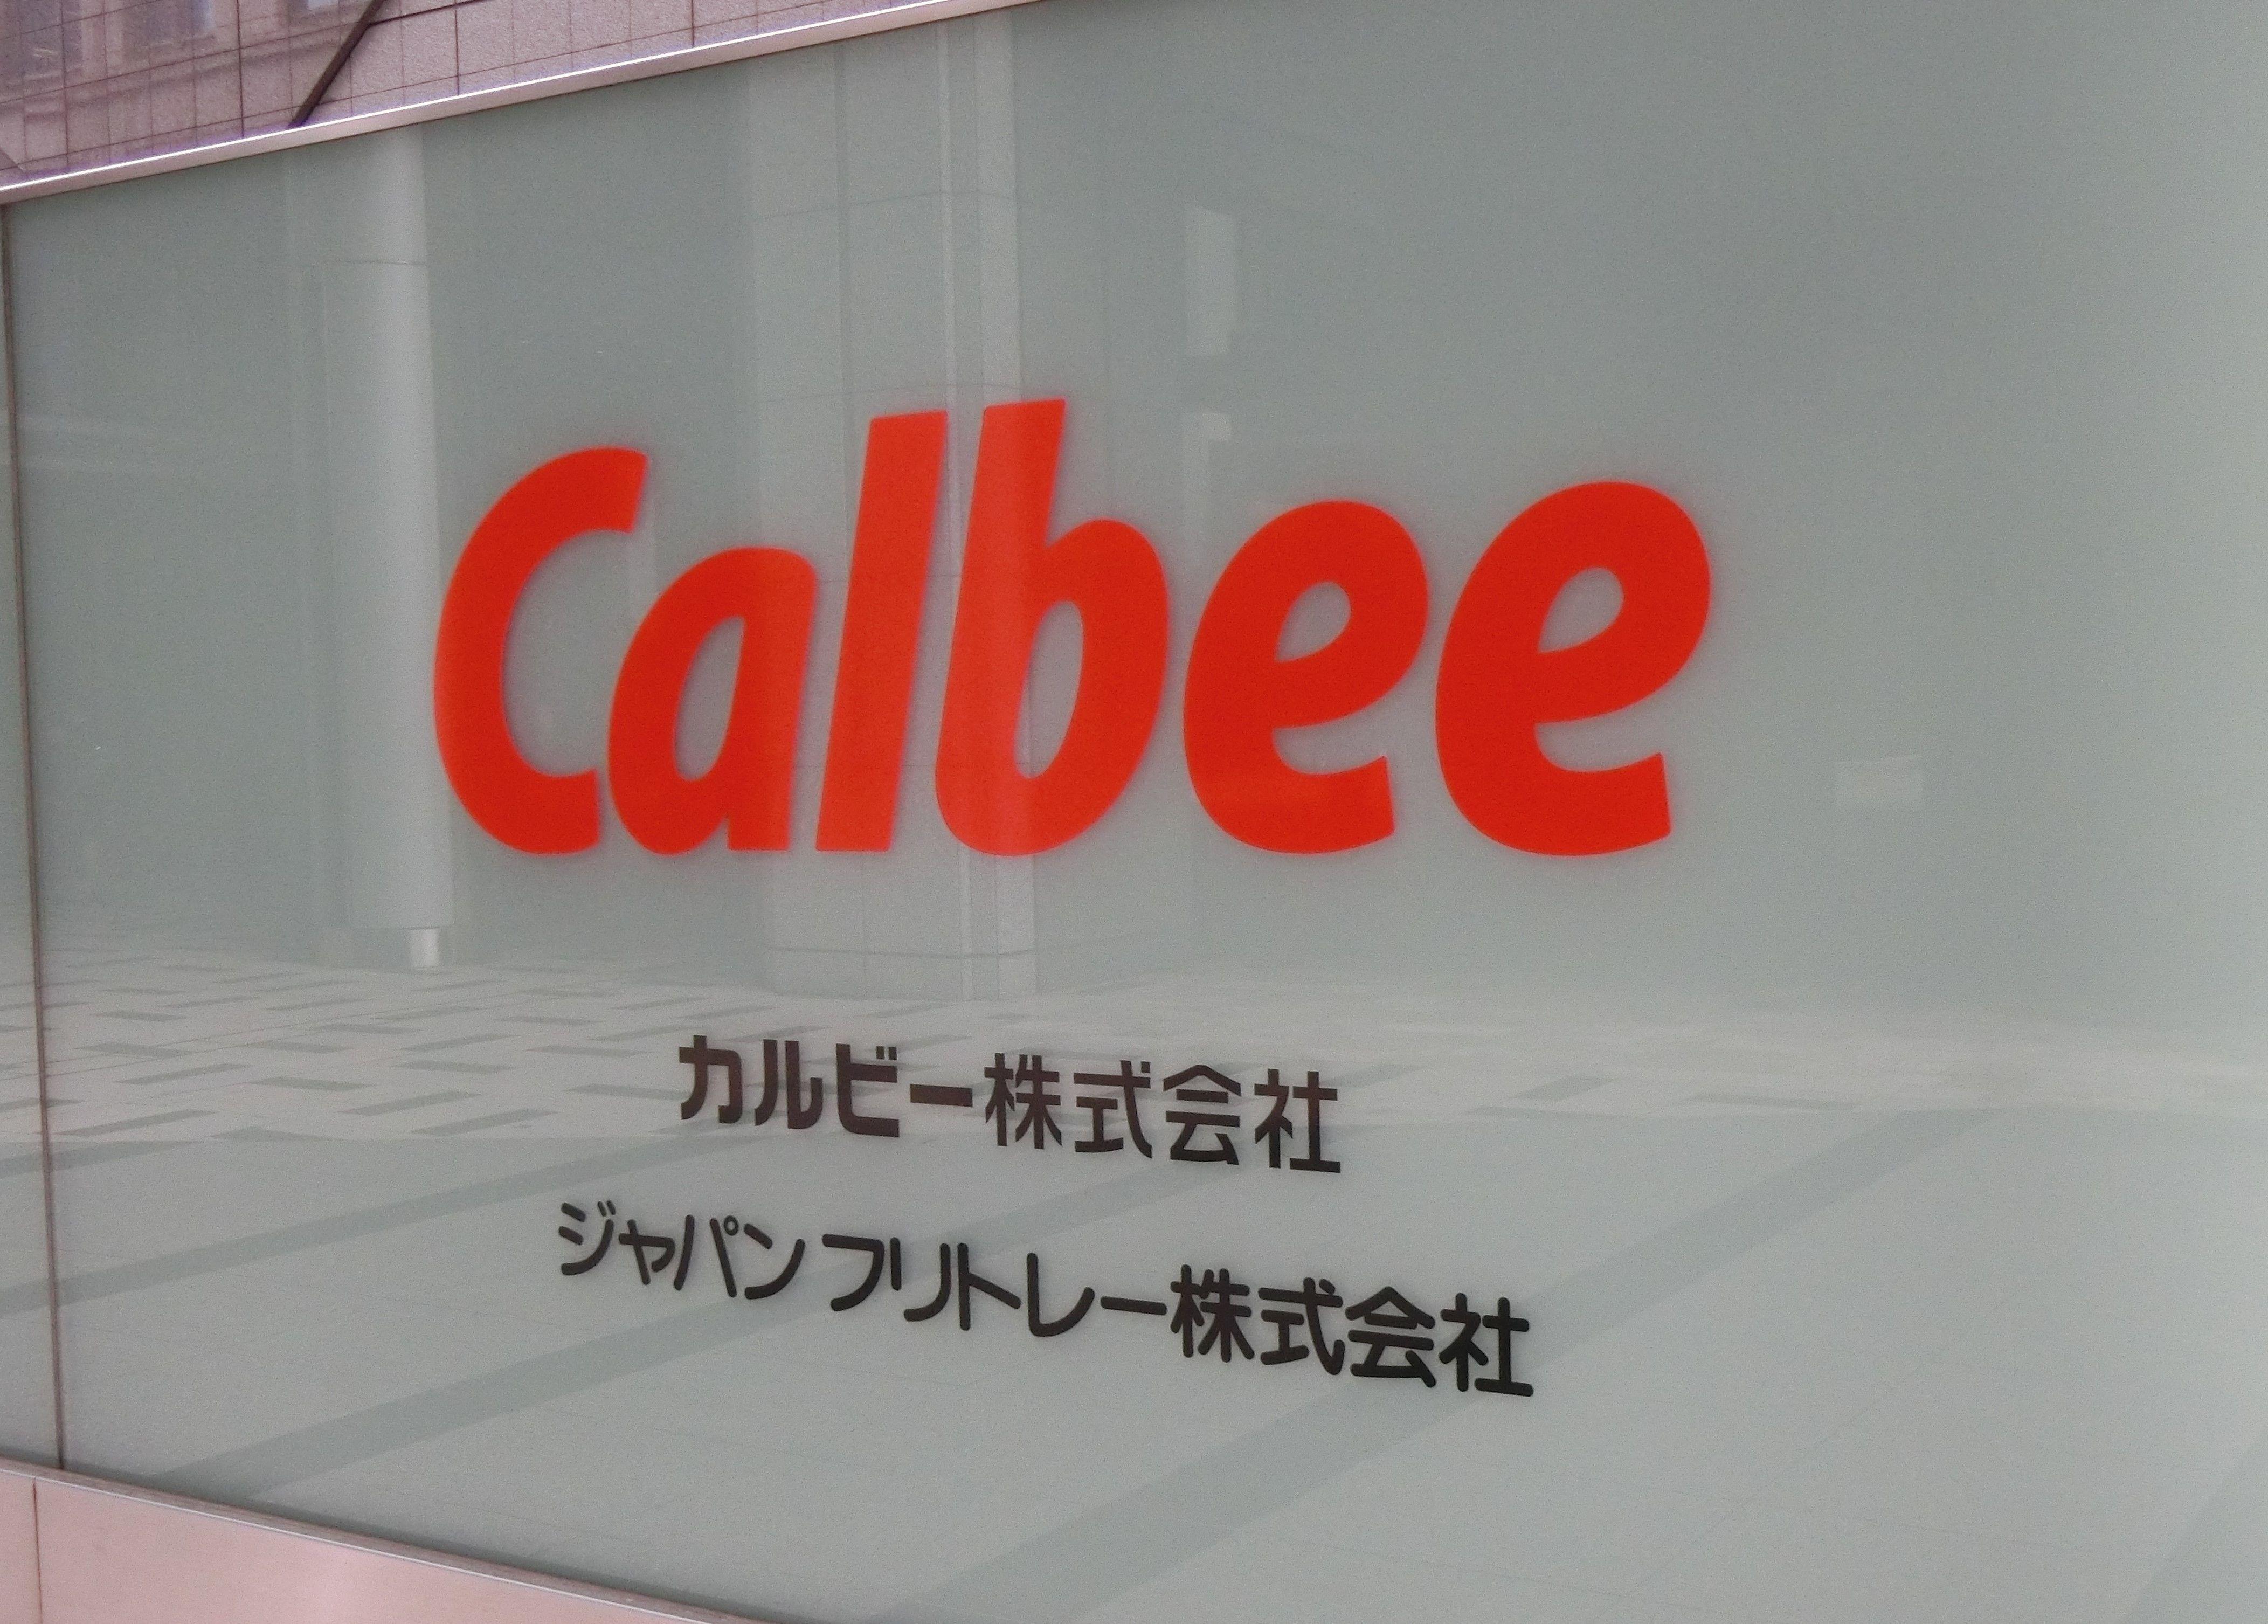 ポテトチップスの「カルビー」が海外企業の買収を積極化するのはなぜなのか